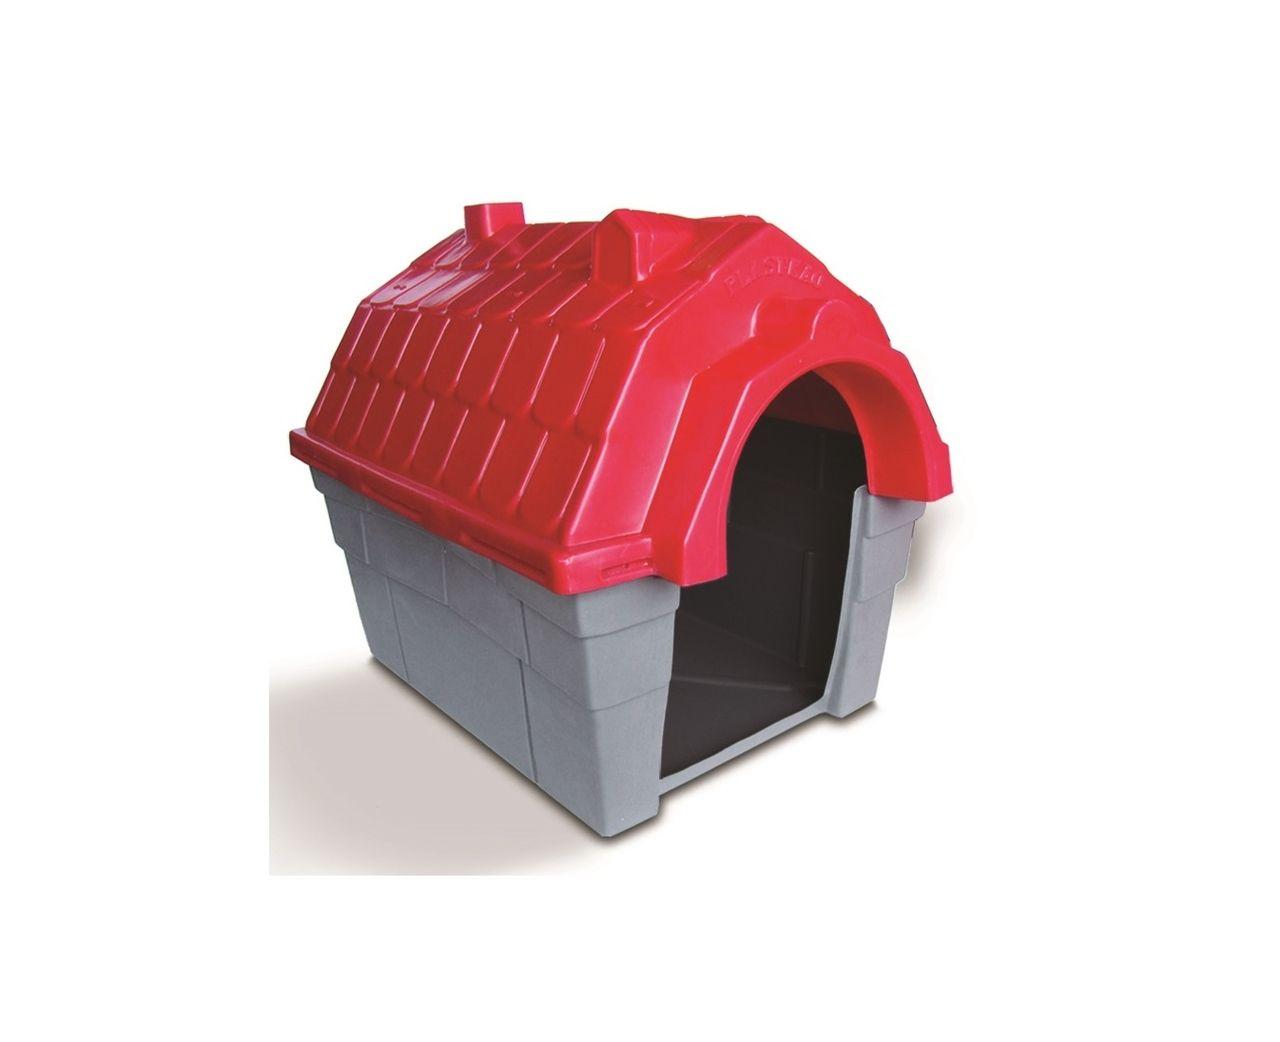 Casinha Cachorro Plástica nº 03 Vermelha